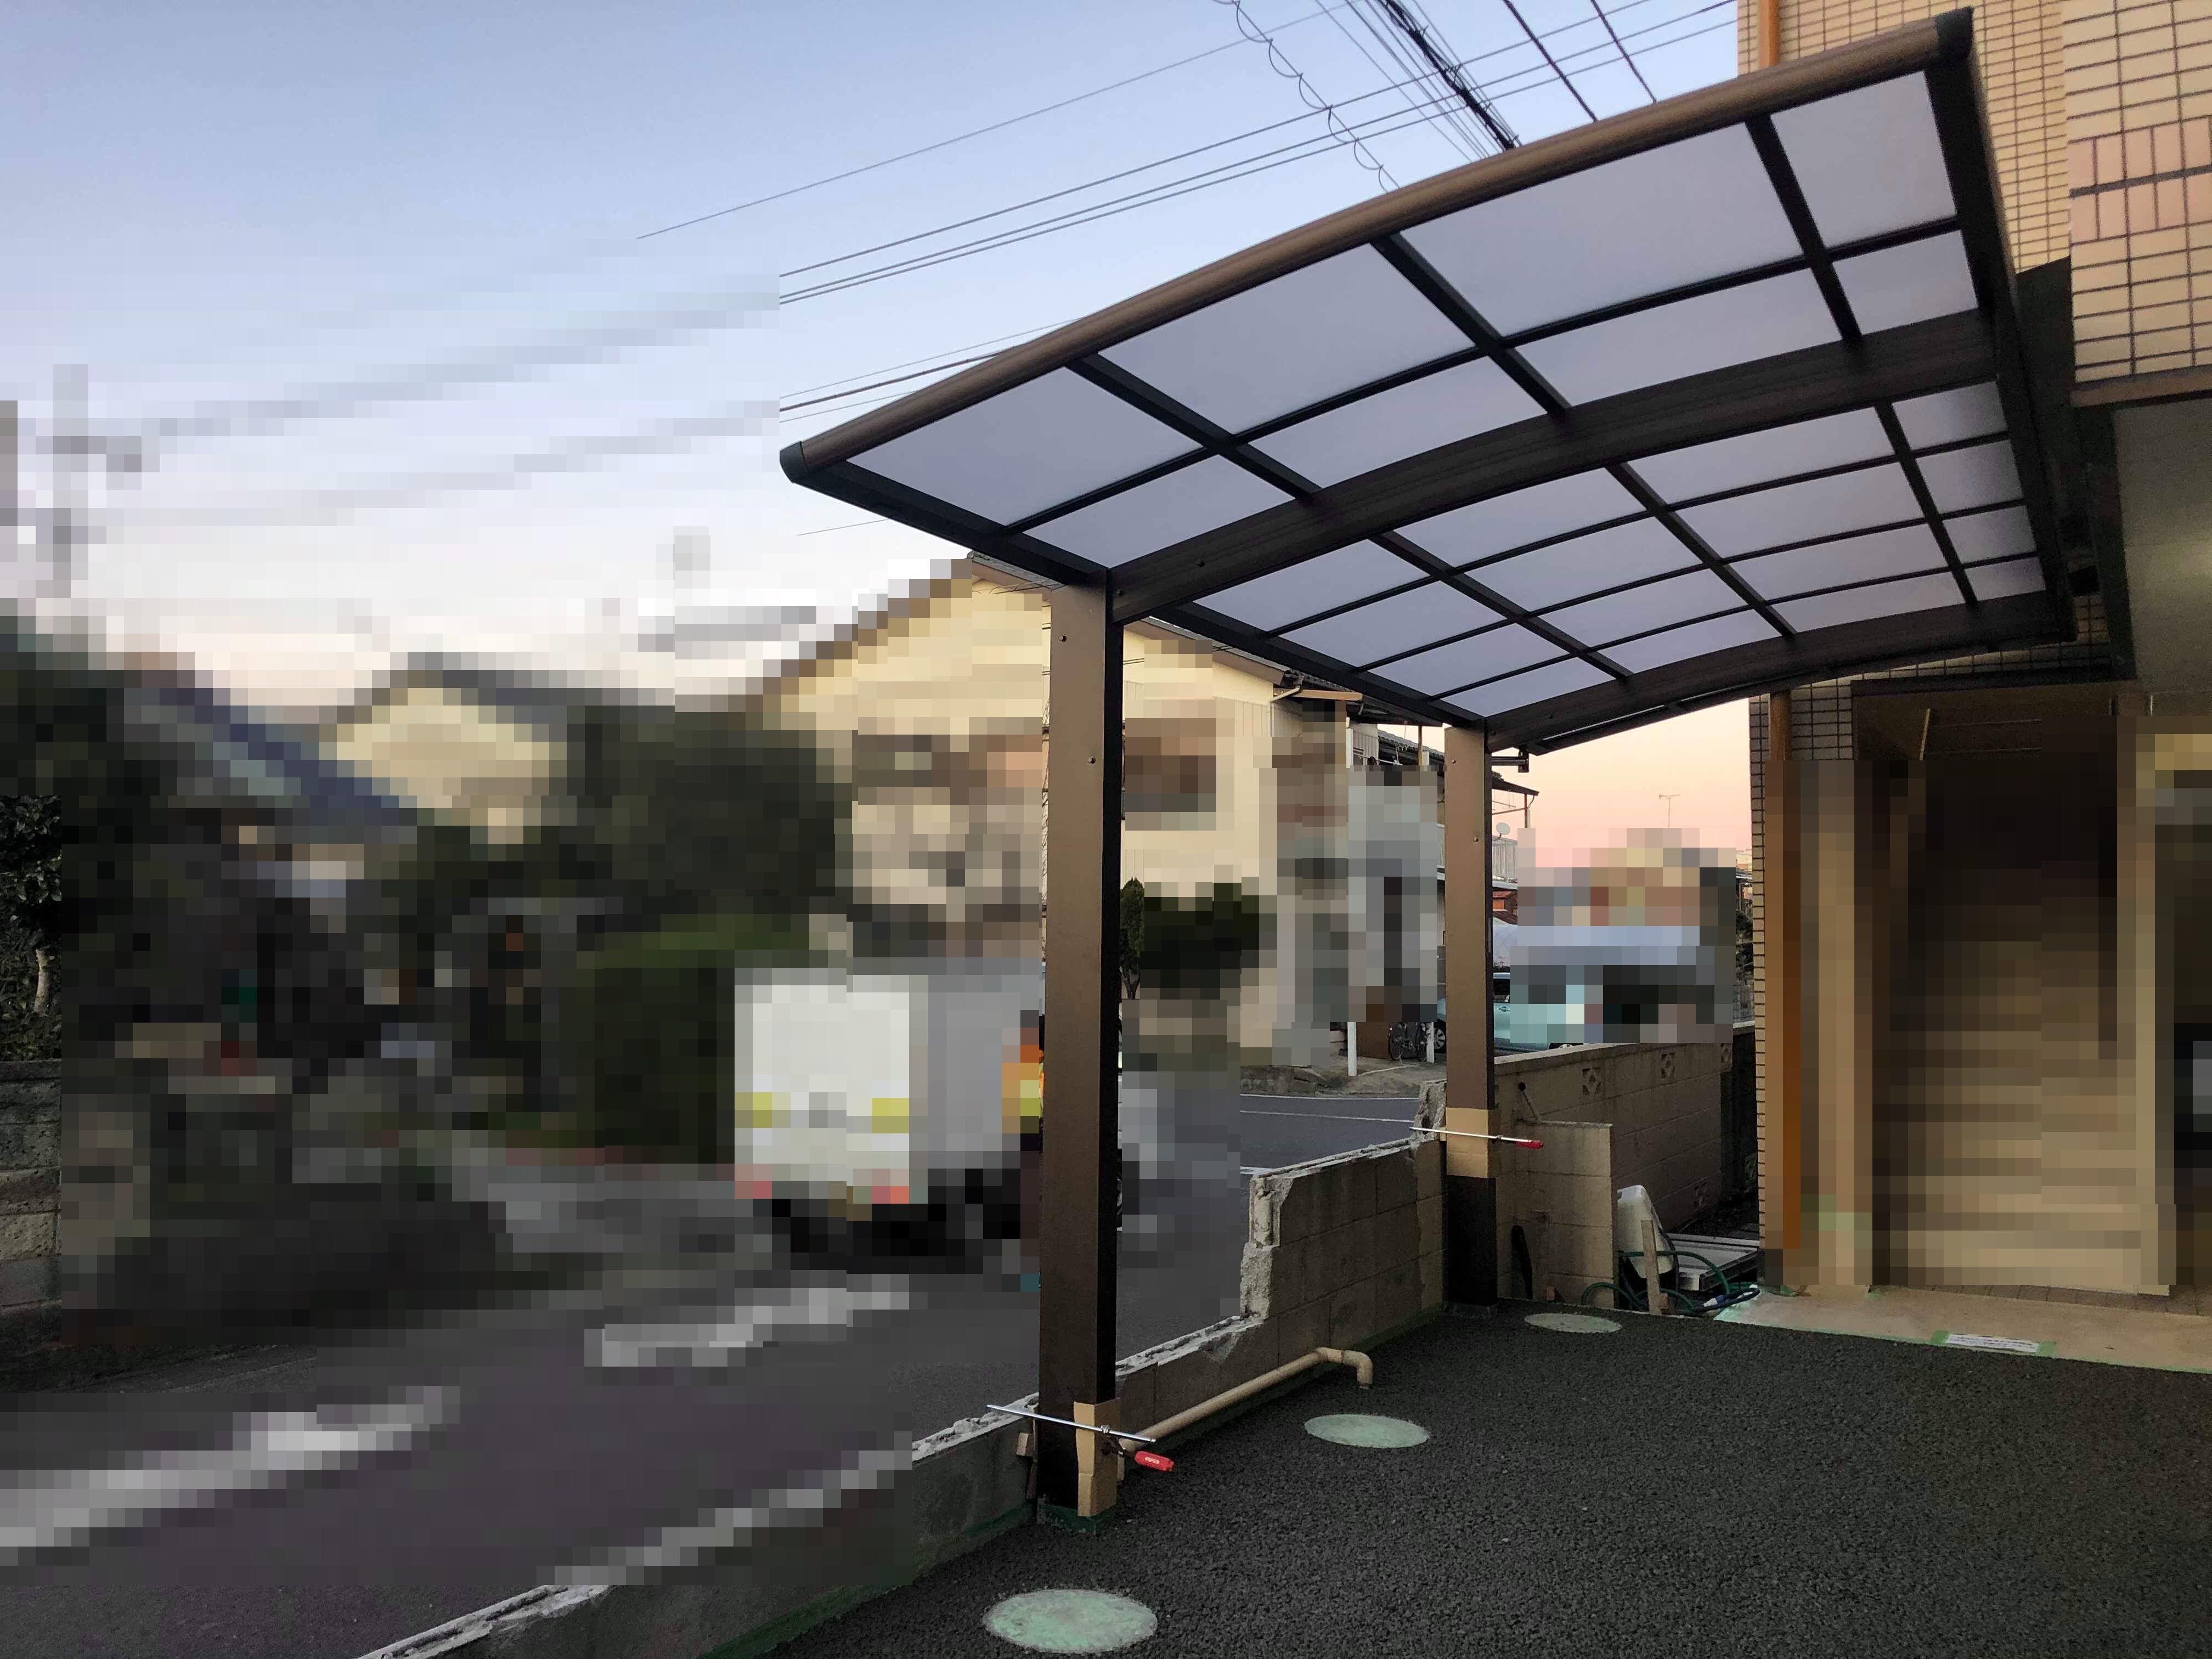 【埼玉】「衝撃のカーポートと土間コンを1日で施工」エクスショップ・透水性コンクリート